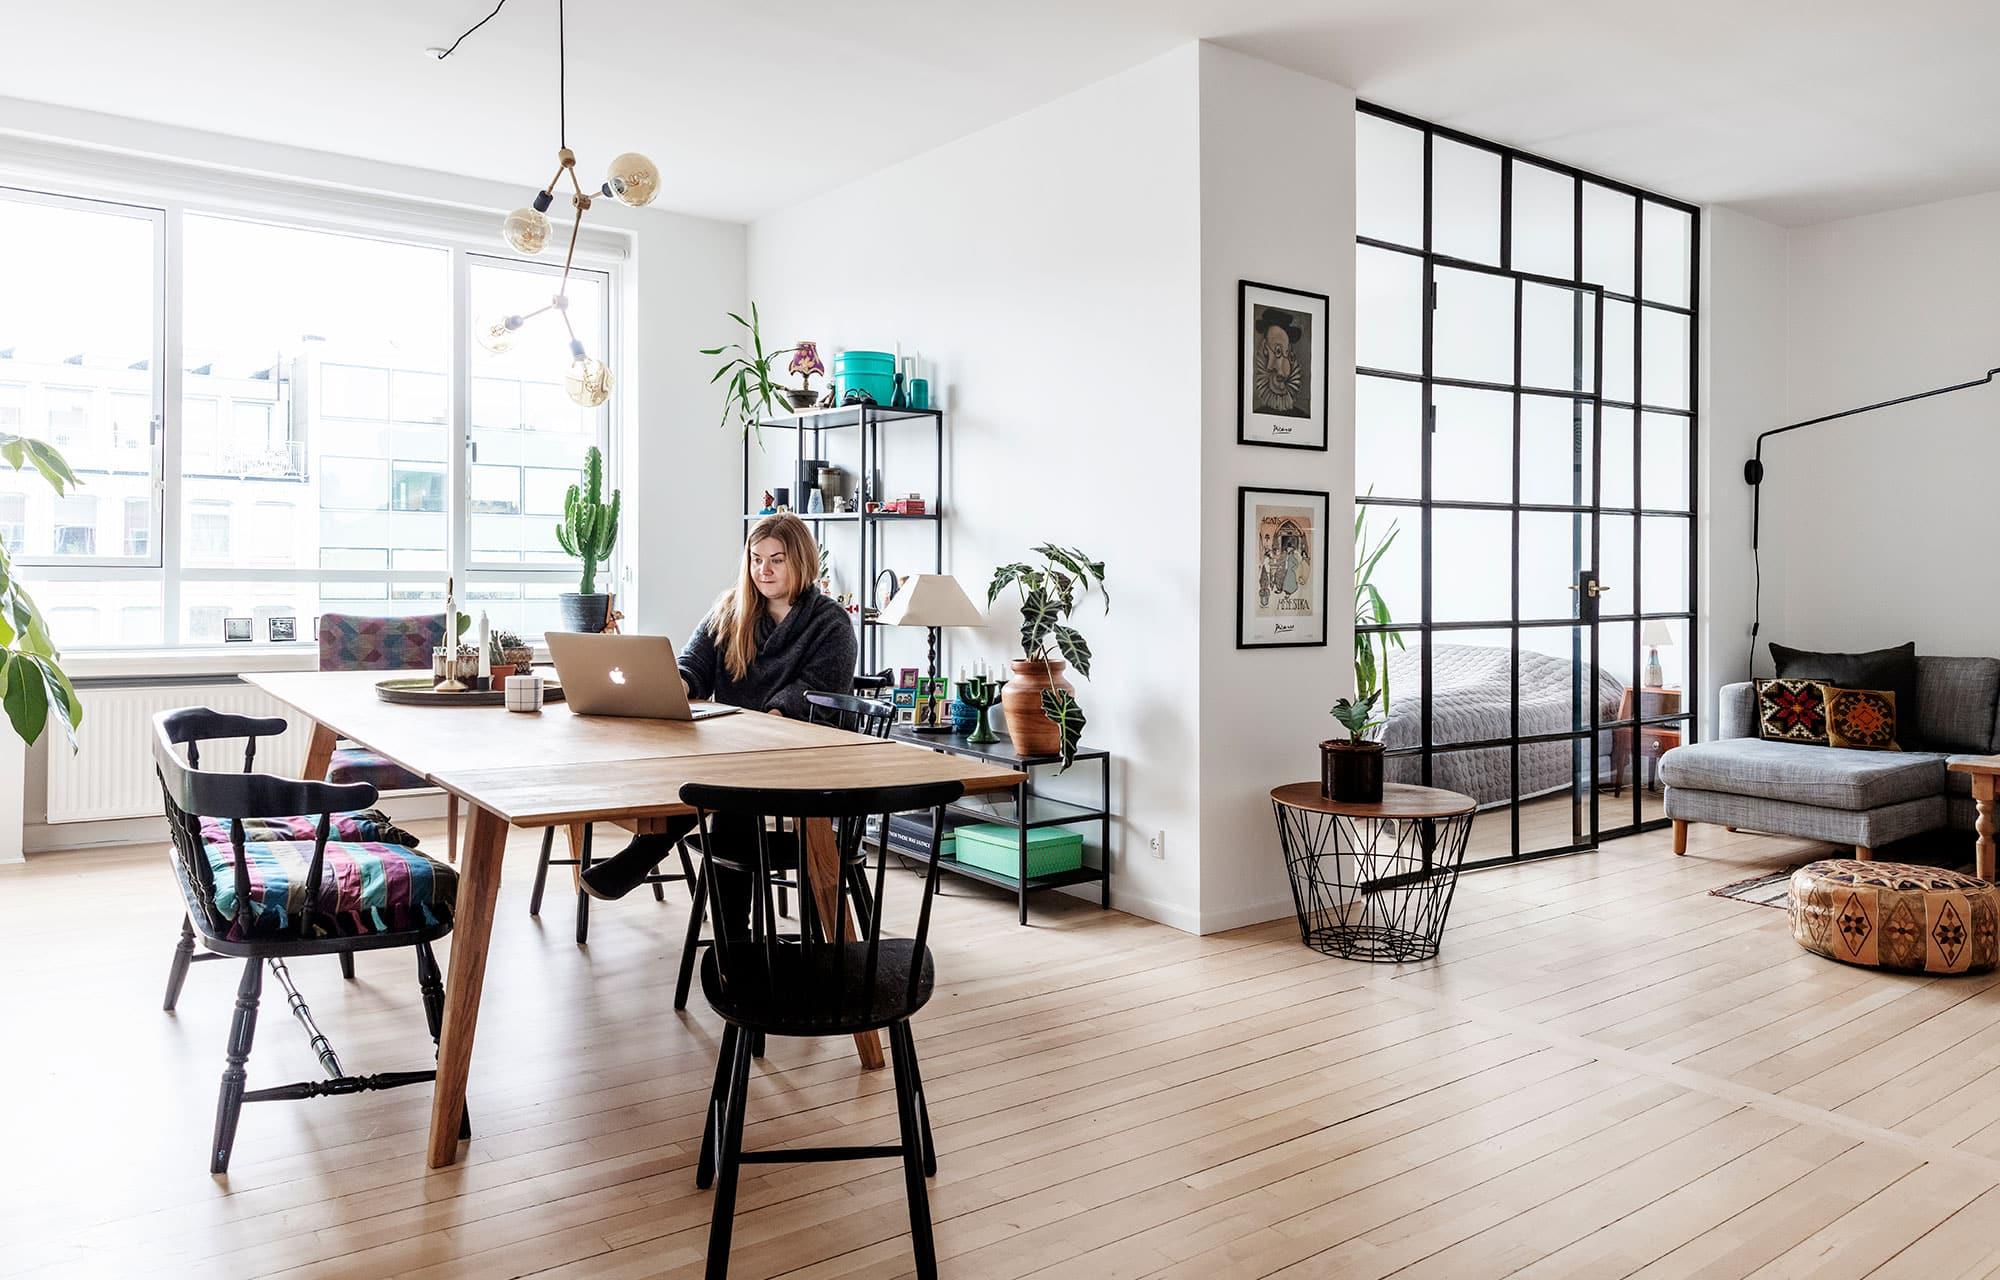 Funkislejlighed fra 1930'erne fik ny planløsning tegnet af arkitekt, hvilket gav ekstra værelse, nyt køkken og badeværelse